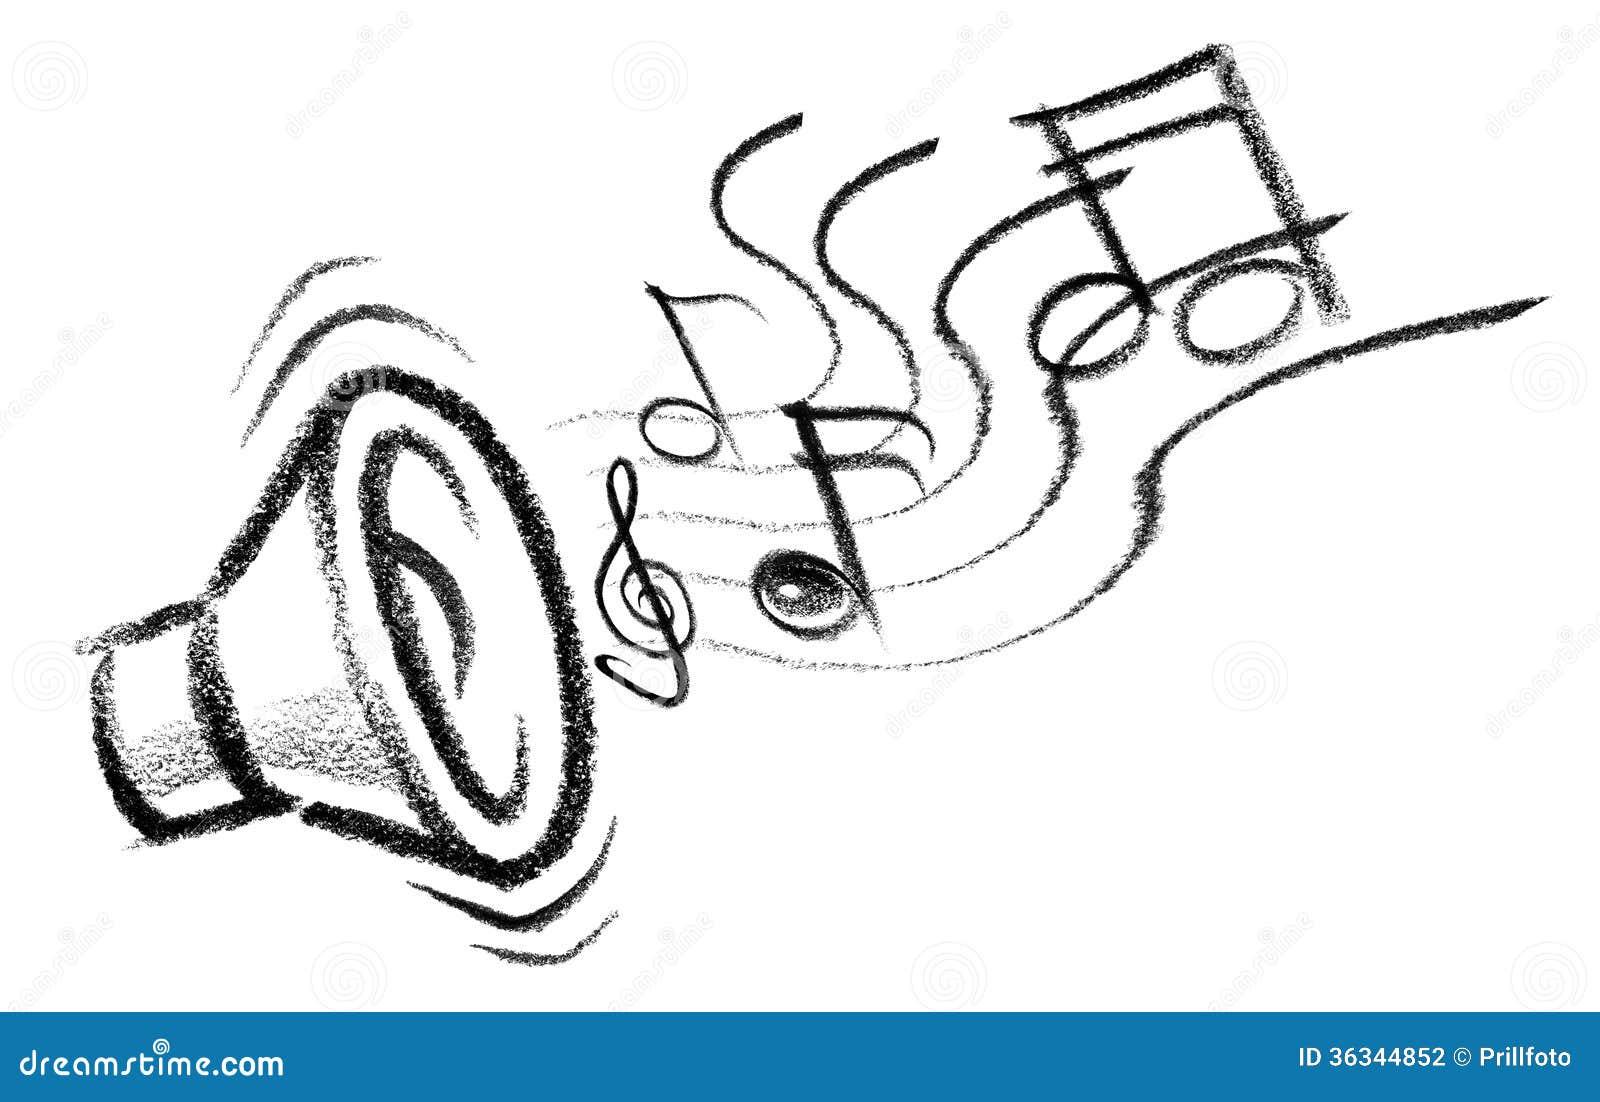 一位报告人的蜡笔速写的例证与音符的.图片